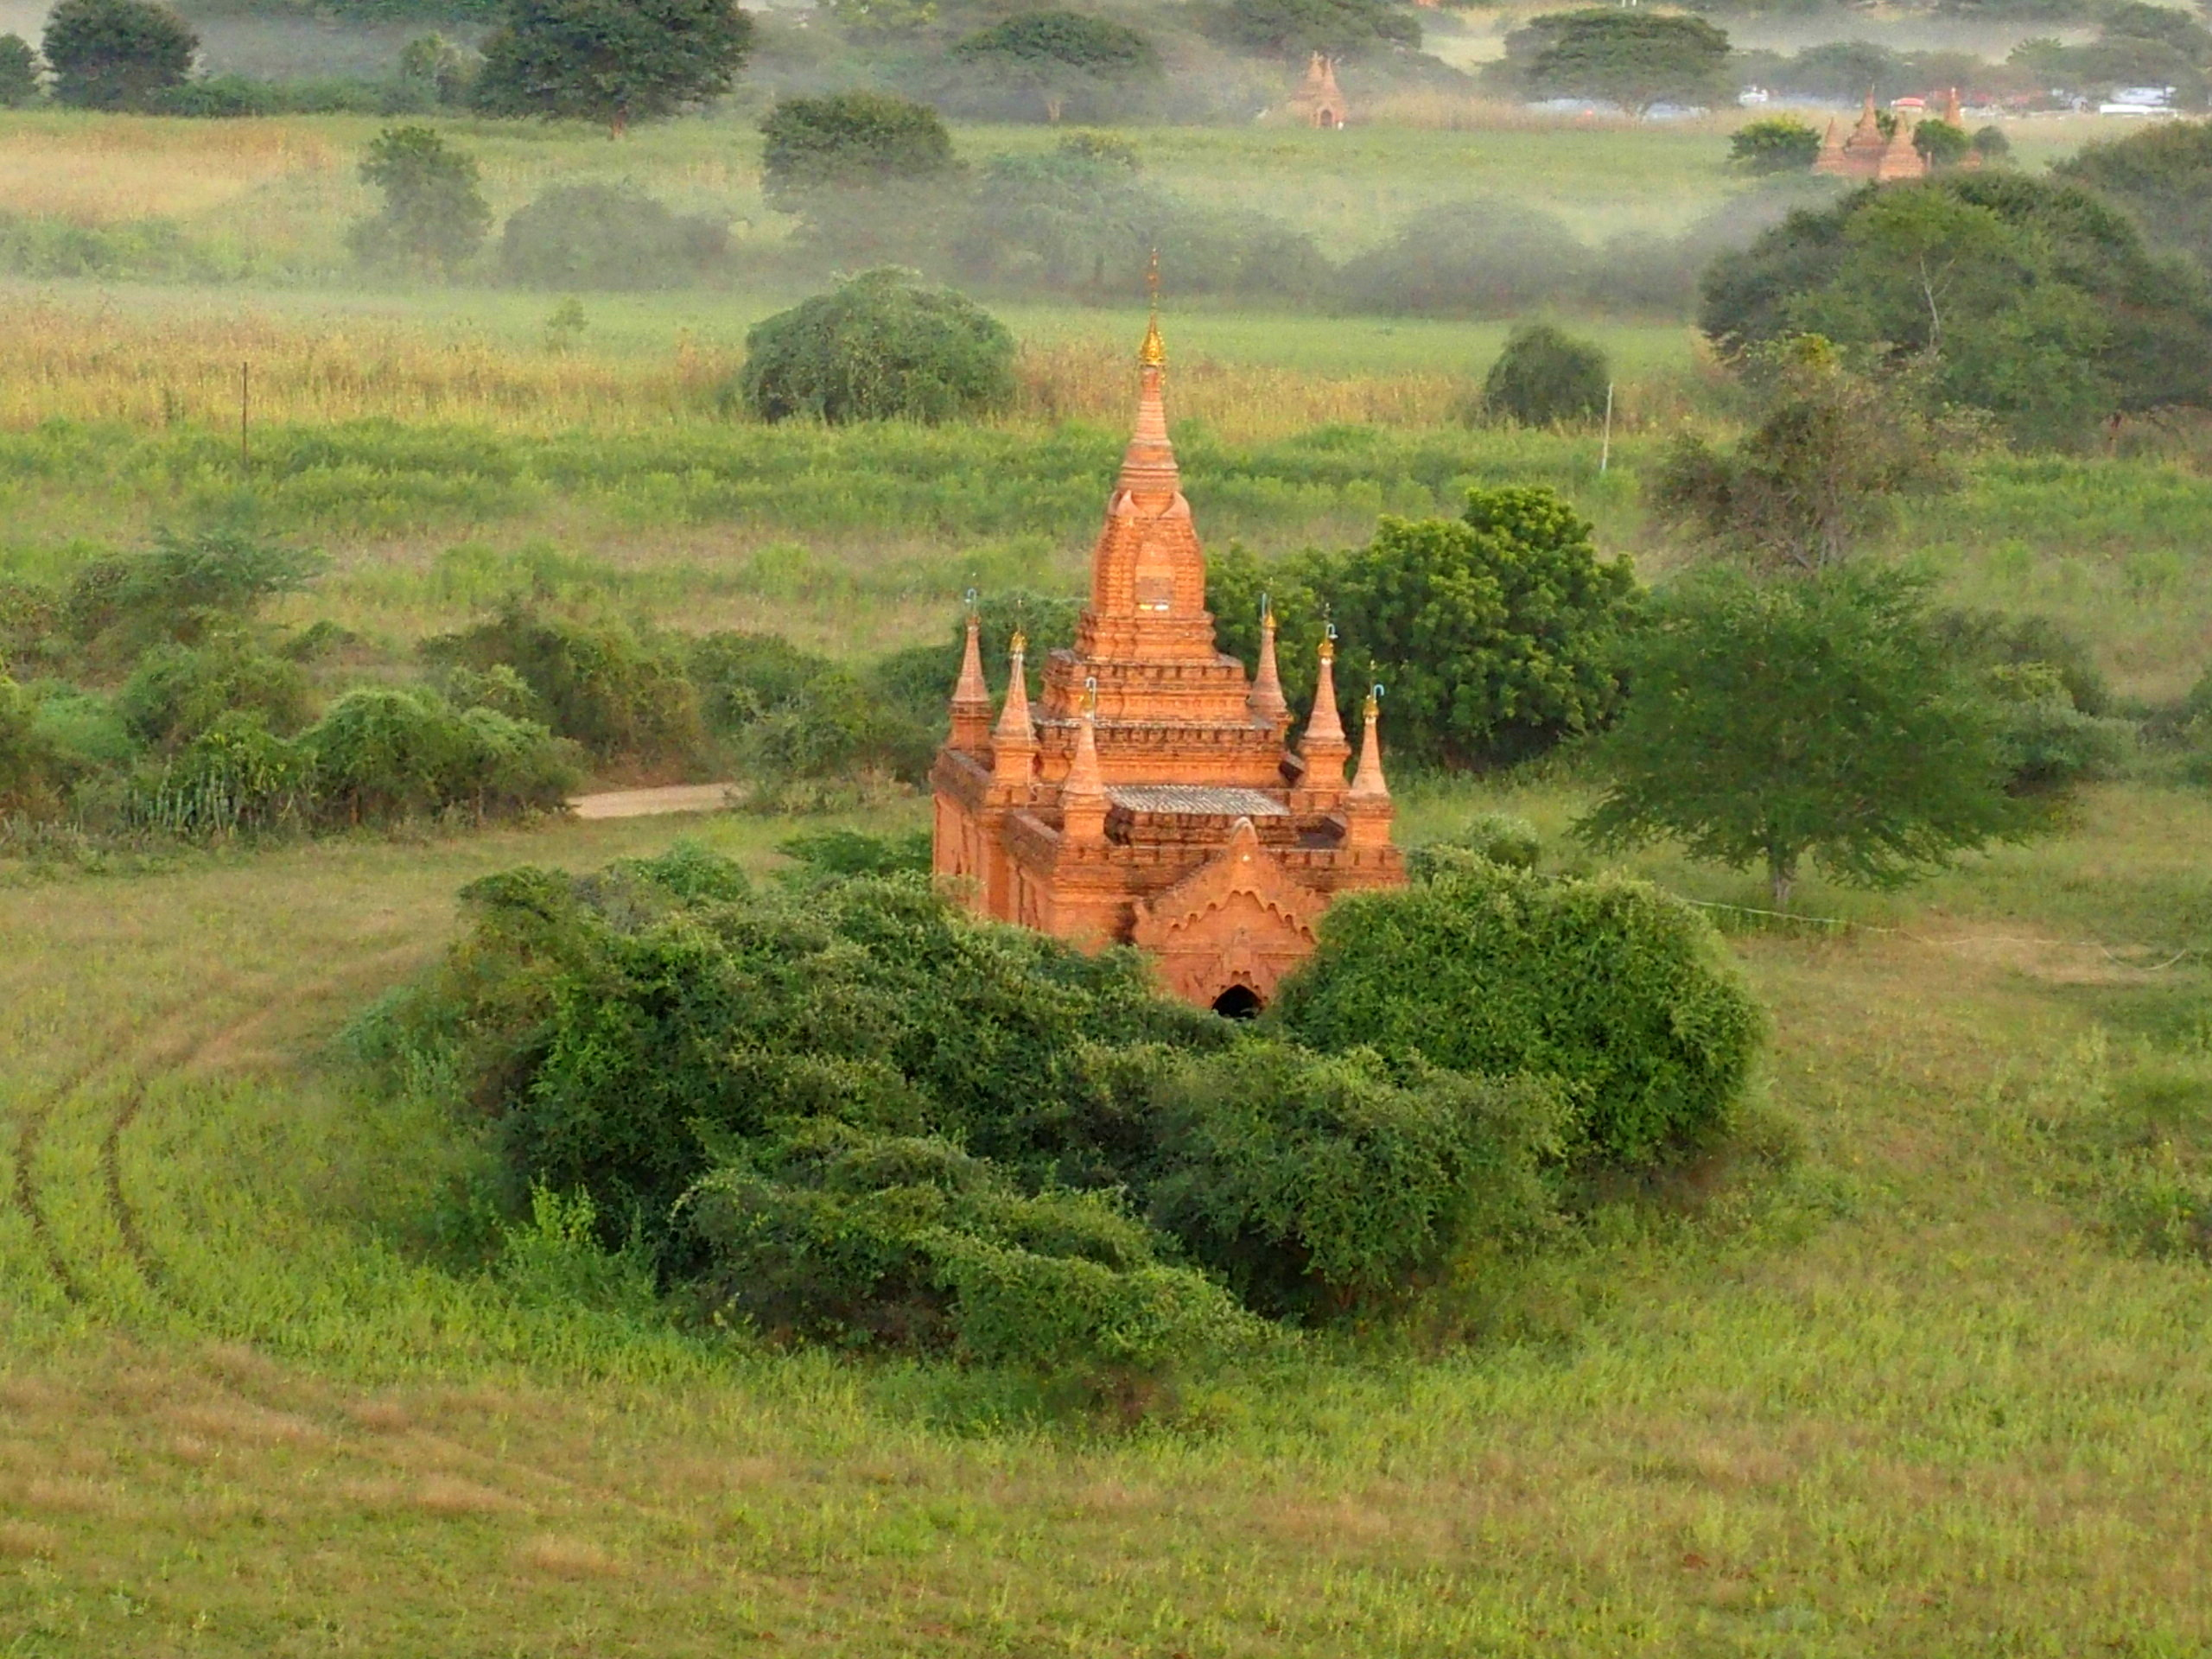 Petite-pagode-de-Bagan-Myanmar.